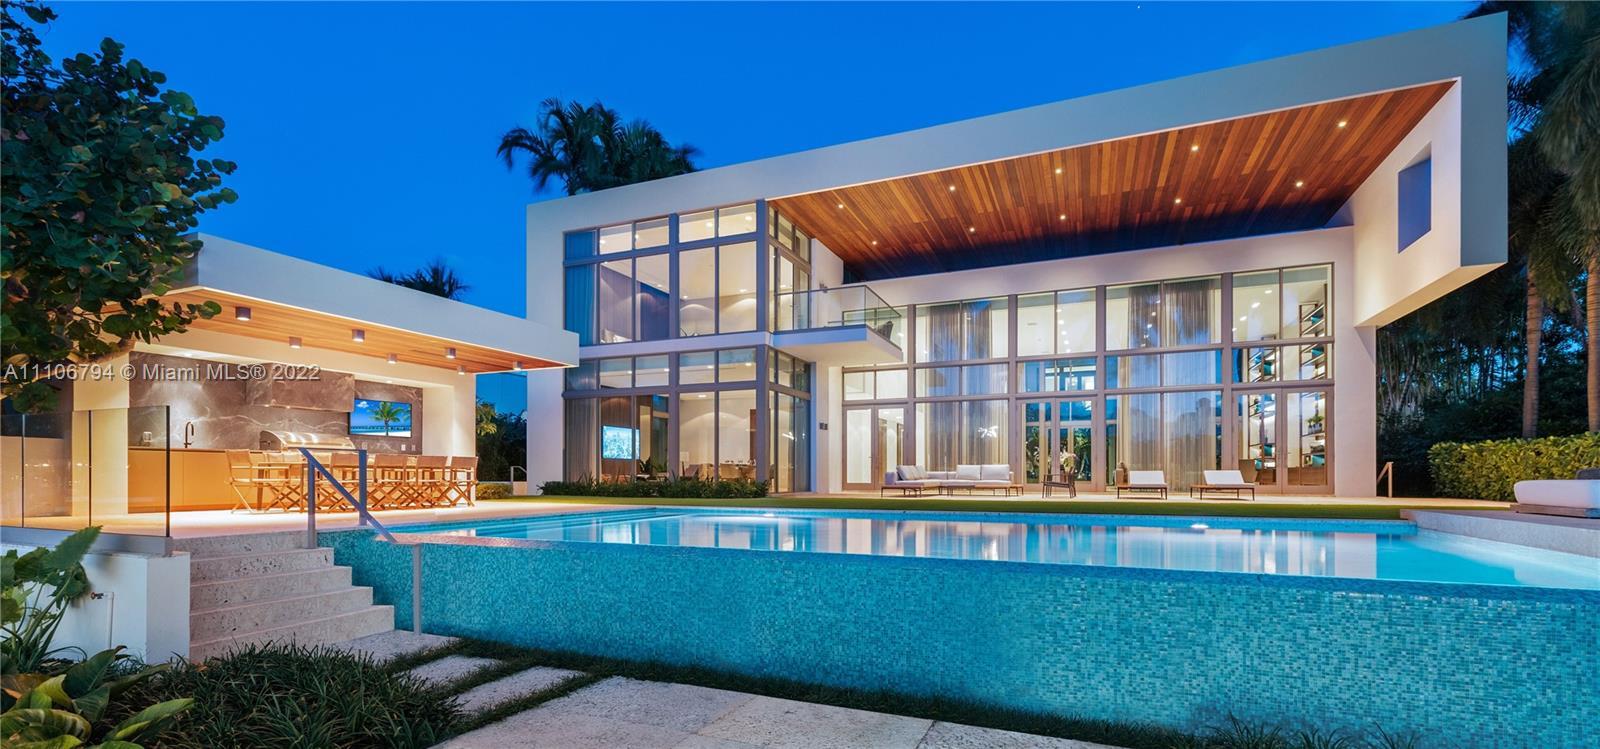 6396 Bay Rd, Miami Beach, Florida 33141